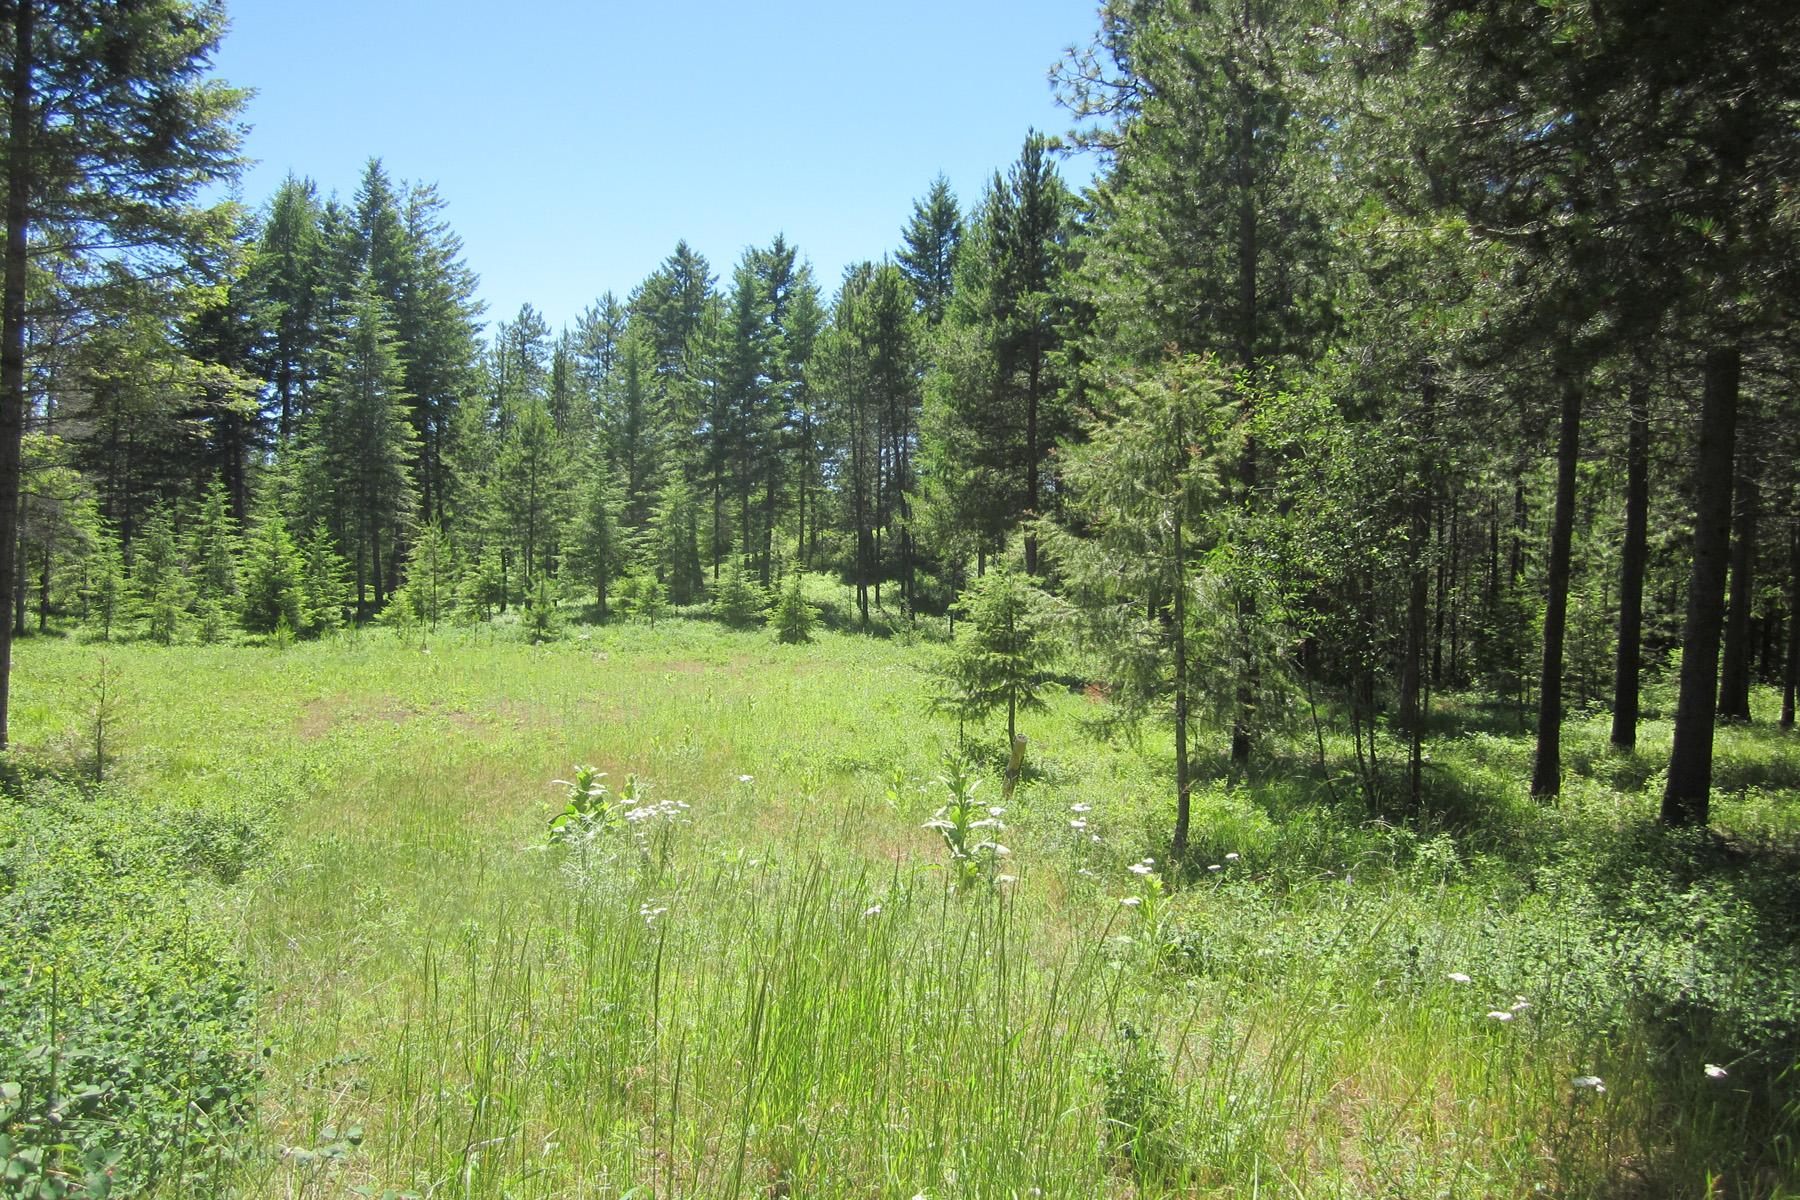 Terrain pour l Vente à Nicely treed acreage Heavenly Drive Lot 7 Bonners Ferry, Idaho 83805 États-Unis